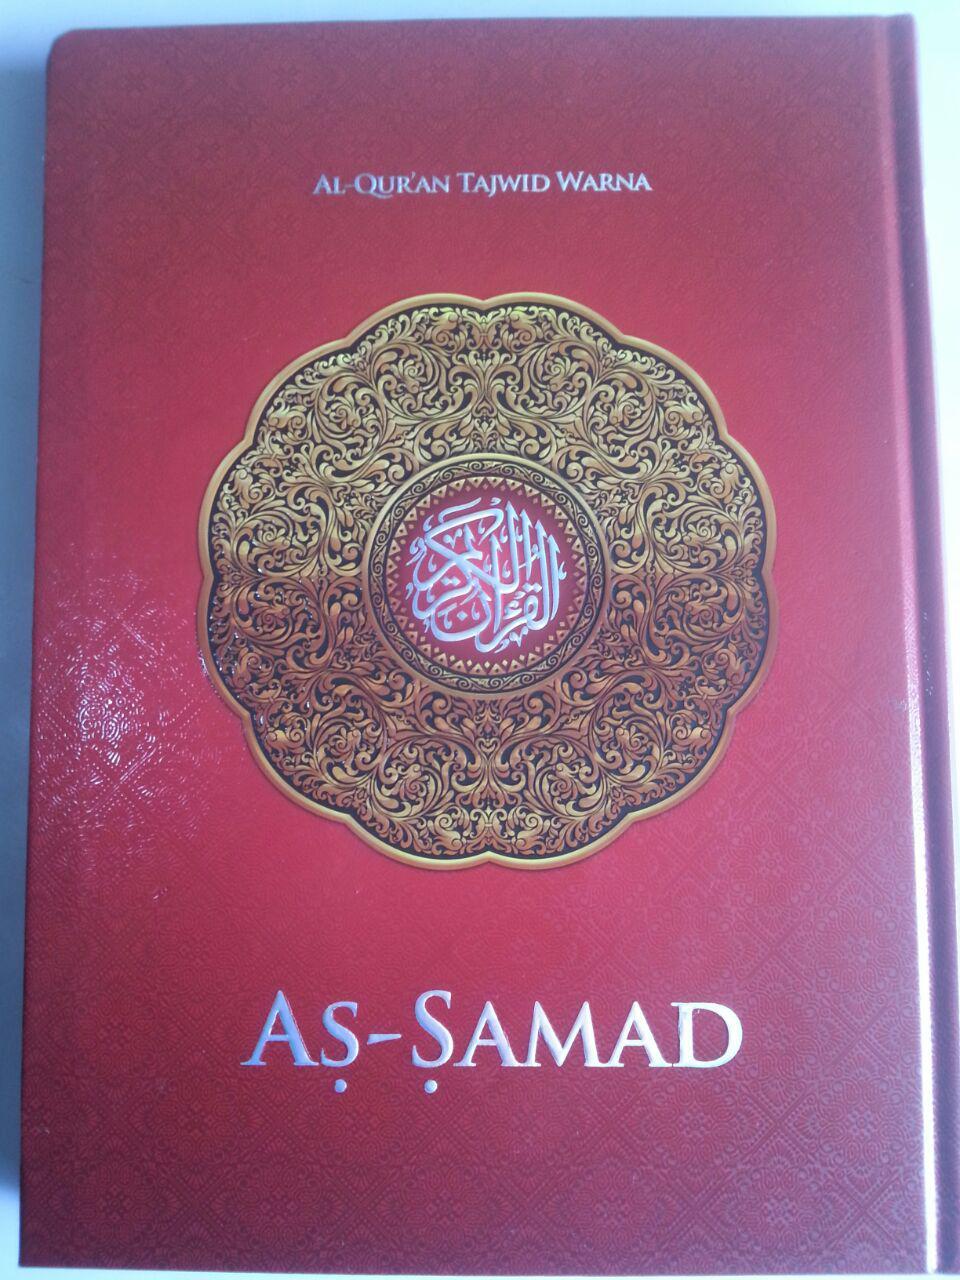 Al-Qur'an Tajwid Warna Tanpa Terjemah As-Samad A4 cover